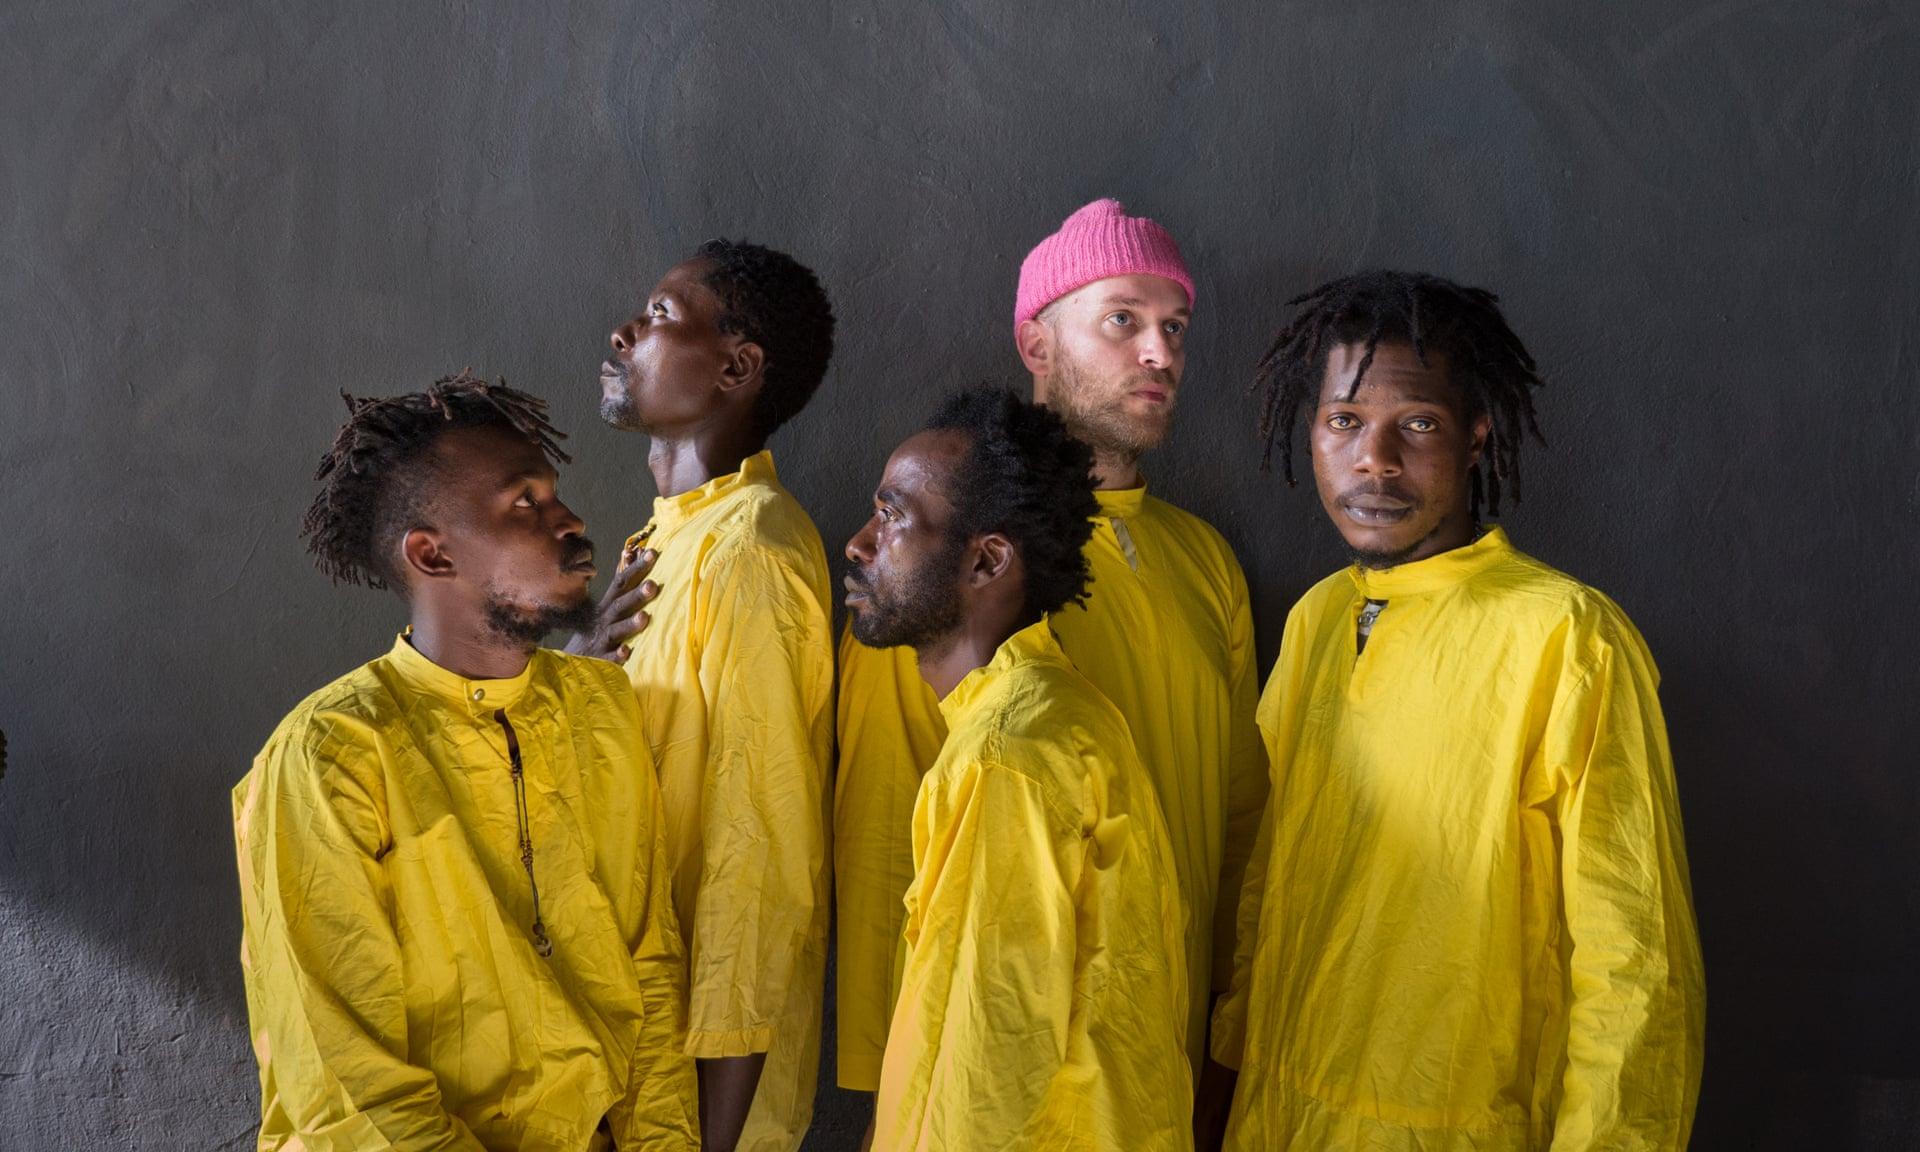 kokoko африканская музыка отвратительные мужики disgusting men